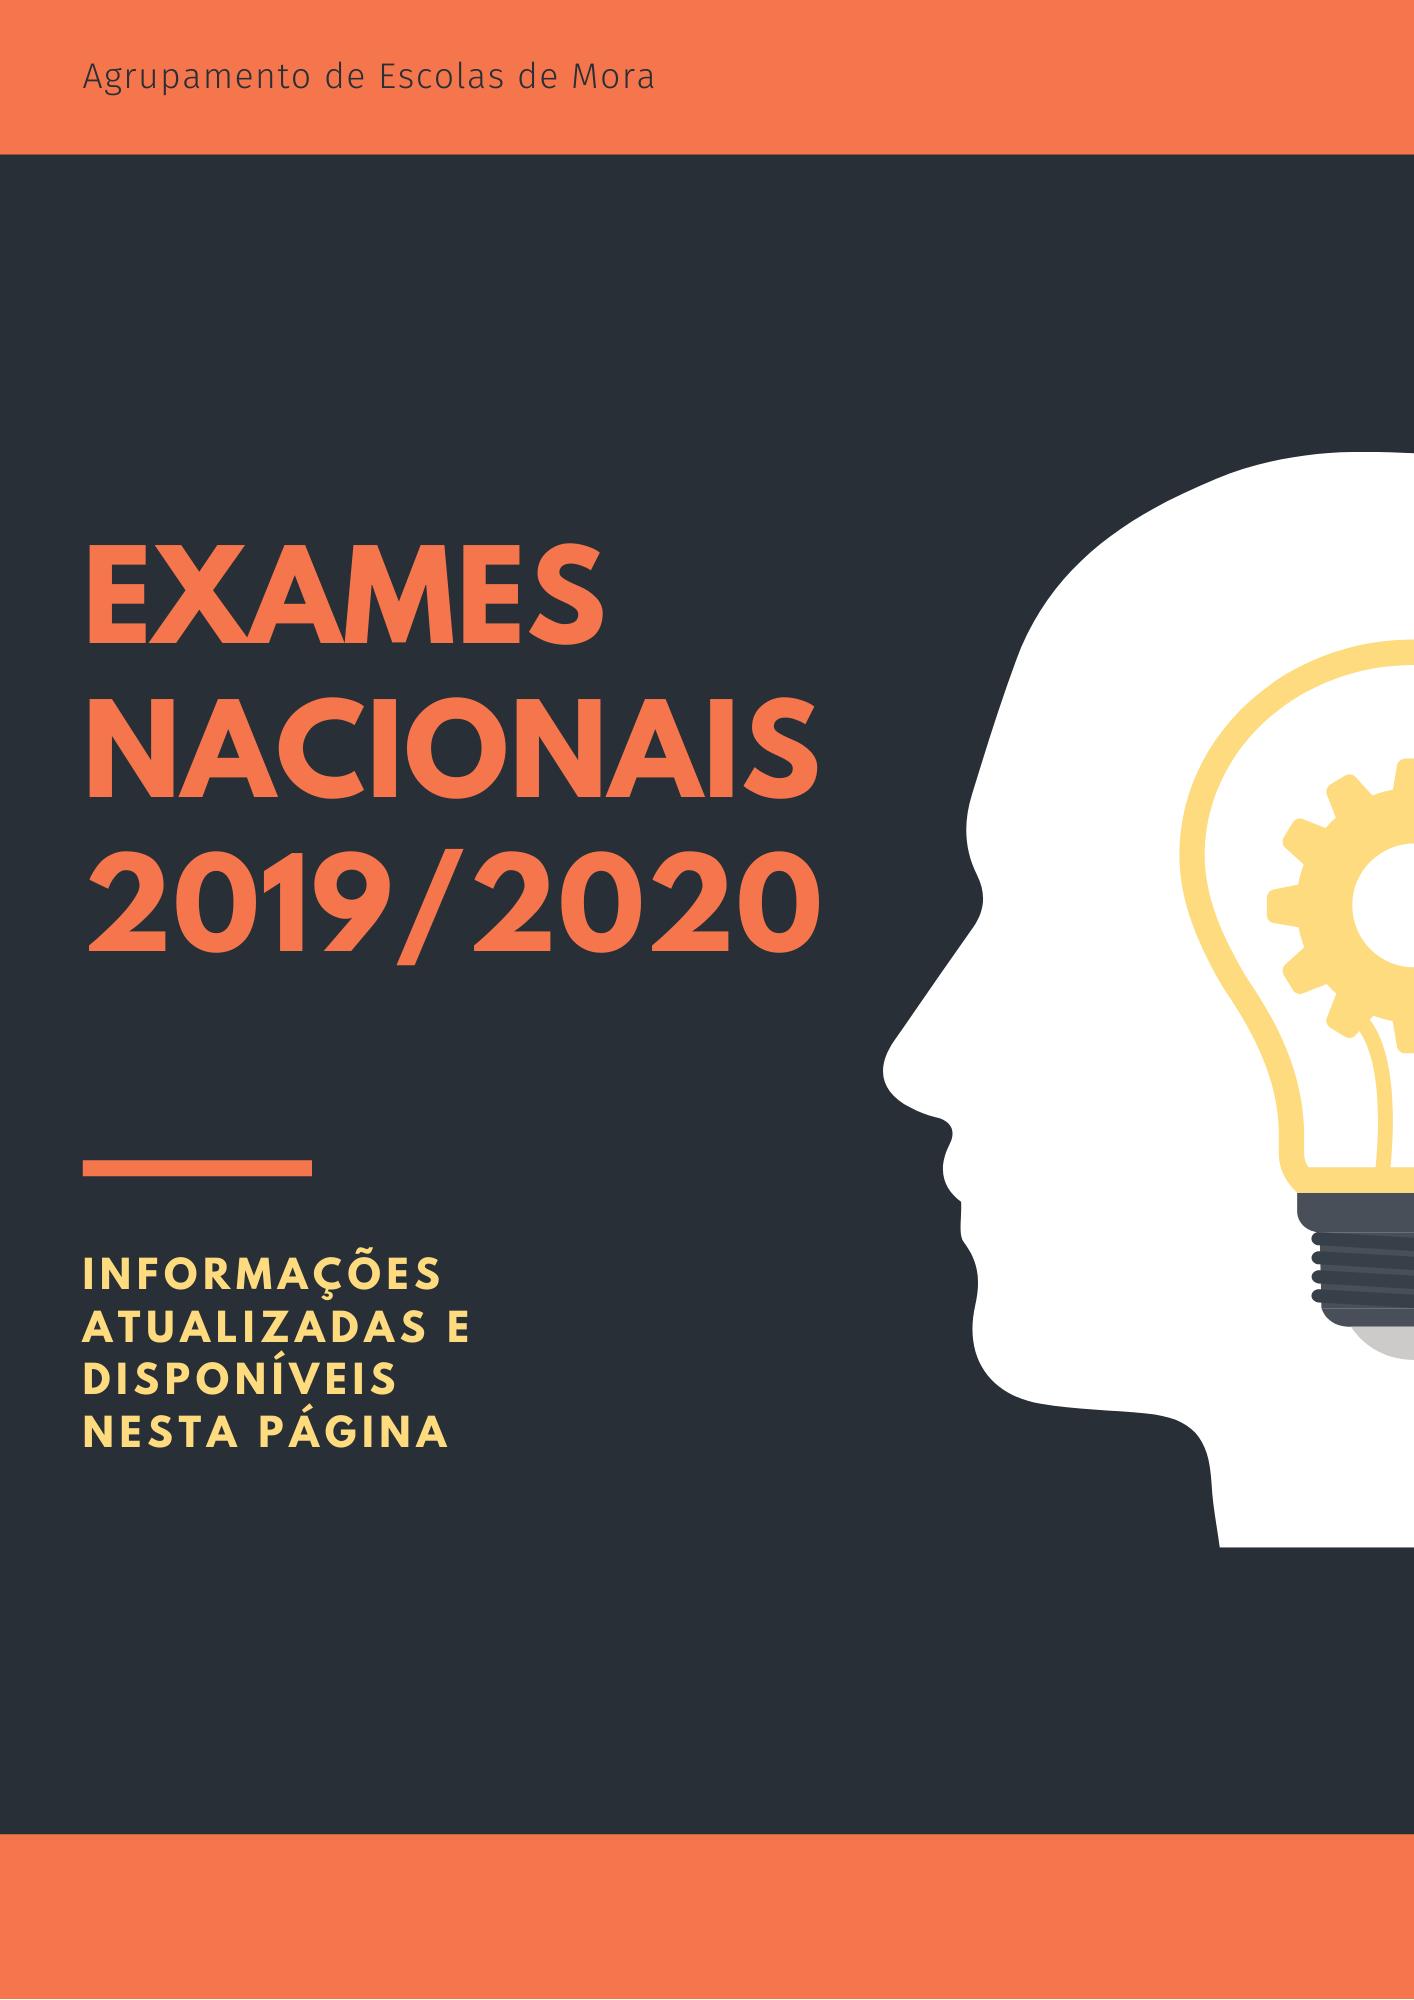 .: Provas e Exames dos Ensinos Básico e Secundário – orientações para o processo de inscrições – são prorrogadas até dia 11 de maio de 2020 :.